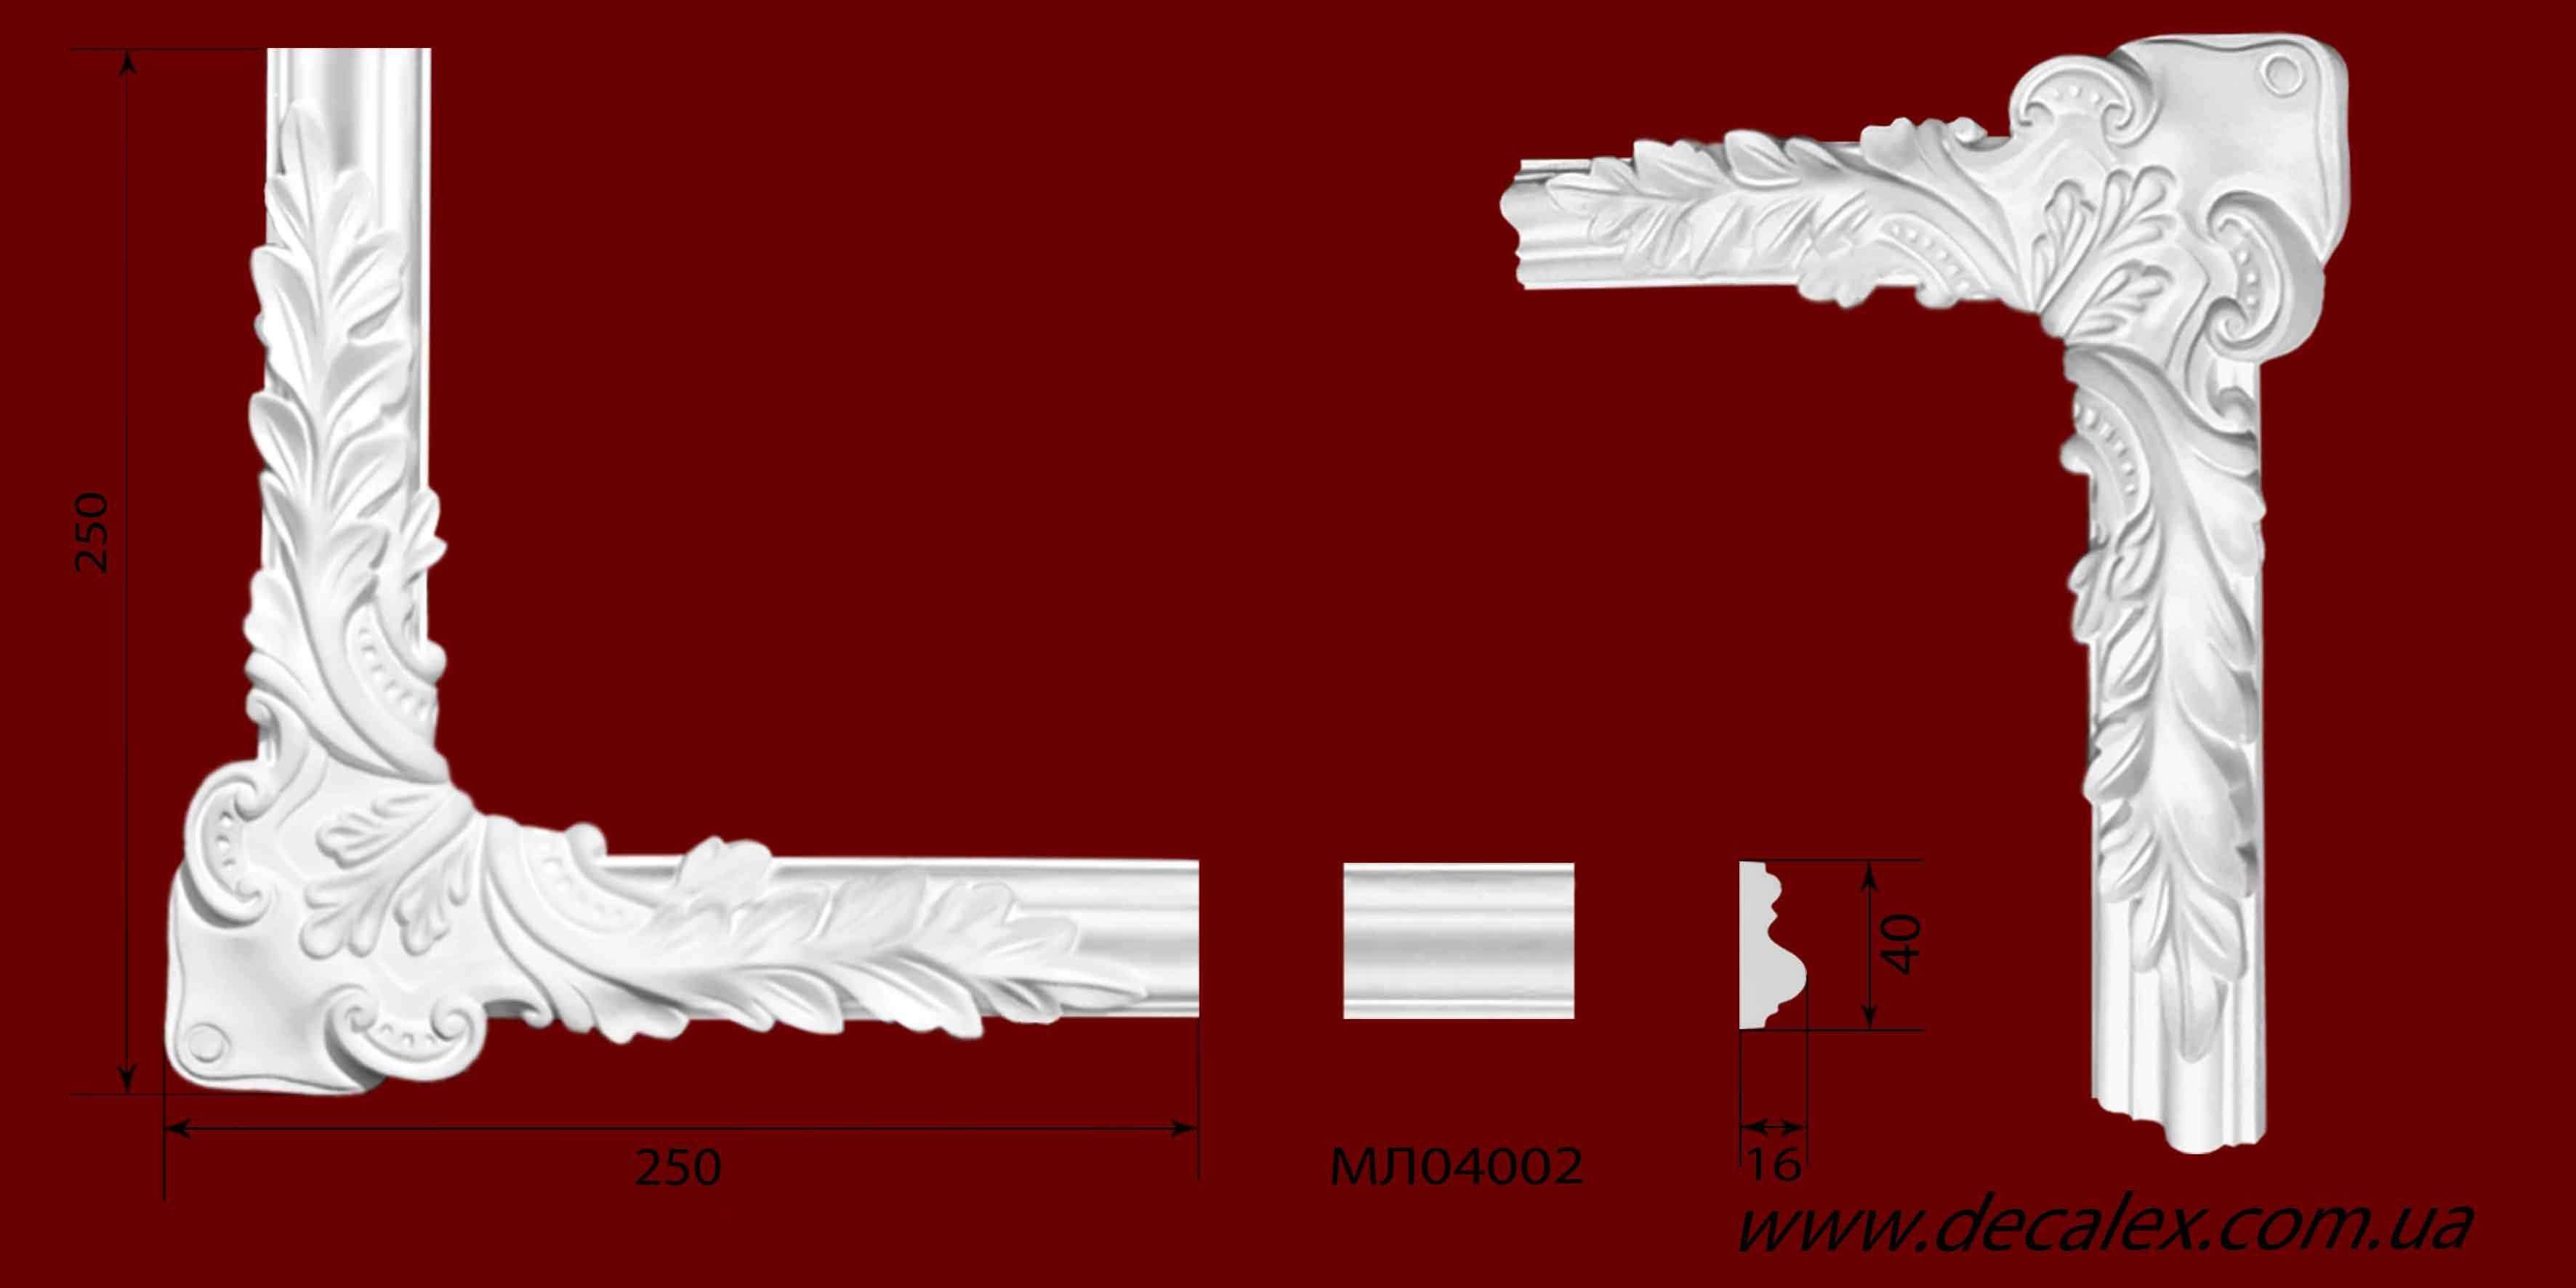 Код товара ГЛ04002-2. Угловой элемент из гипса , стыкуется с МЛ04002. Розничная цена 80 грн./шт.